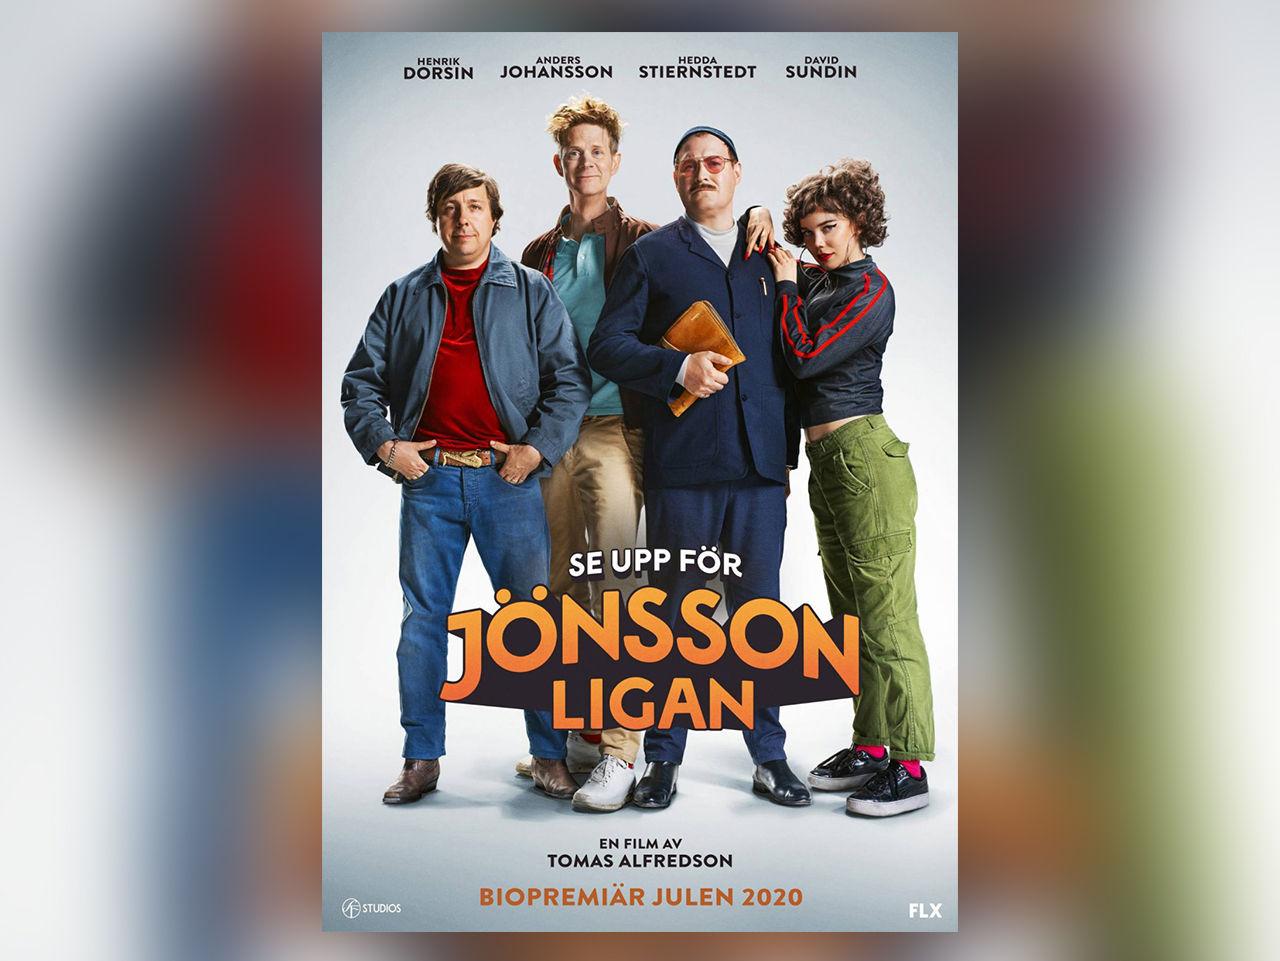 Massvis av svenska filmer får uppskjuten premiär